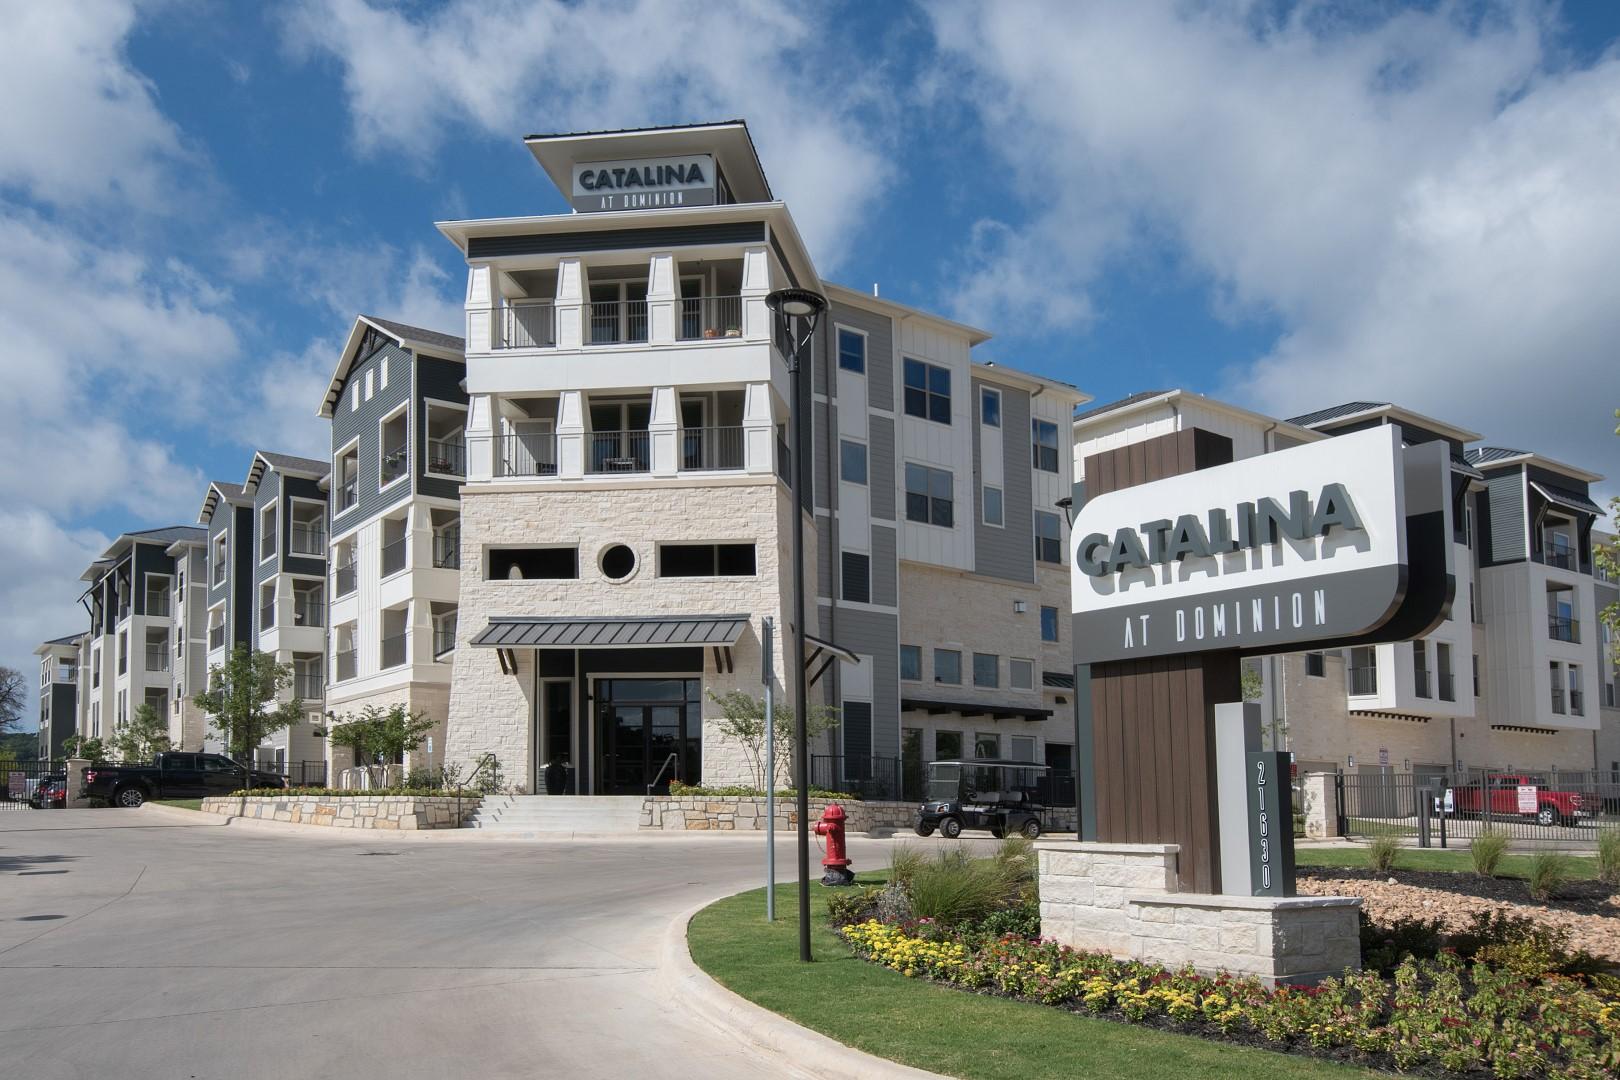 Catalina at Dominion rental